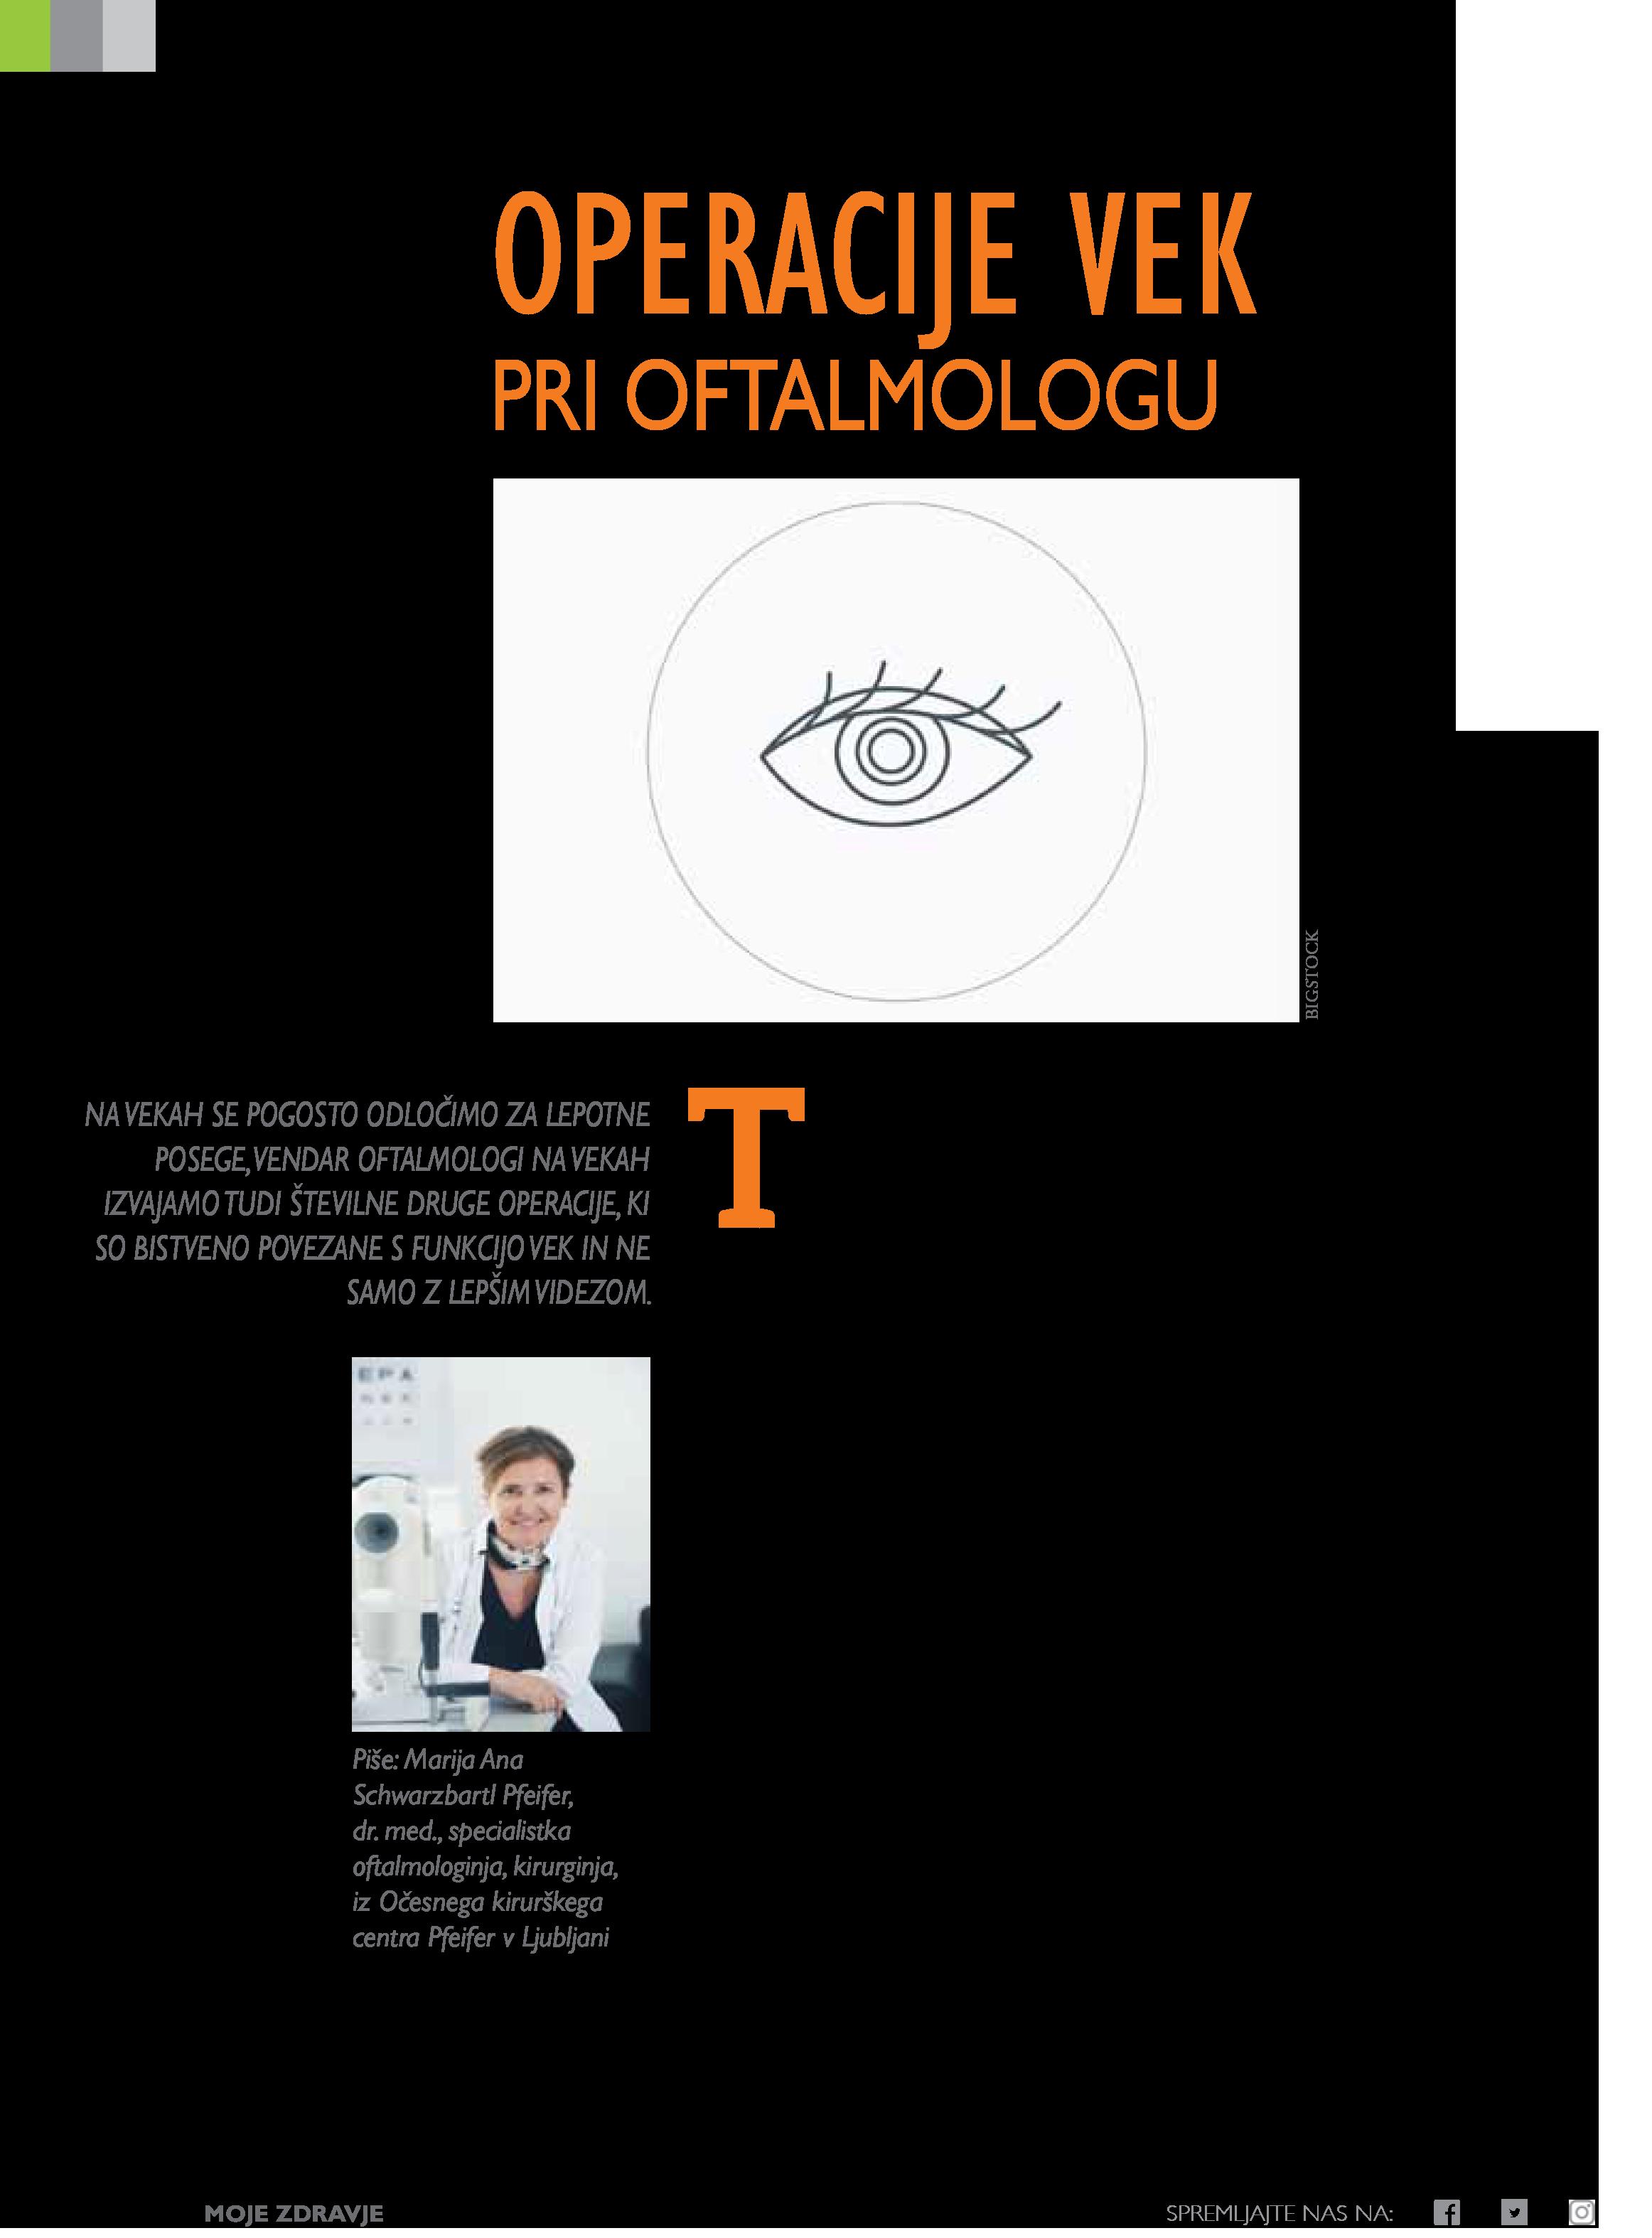 Operacije vek pri oftalmologu - september 2020